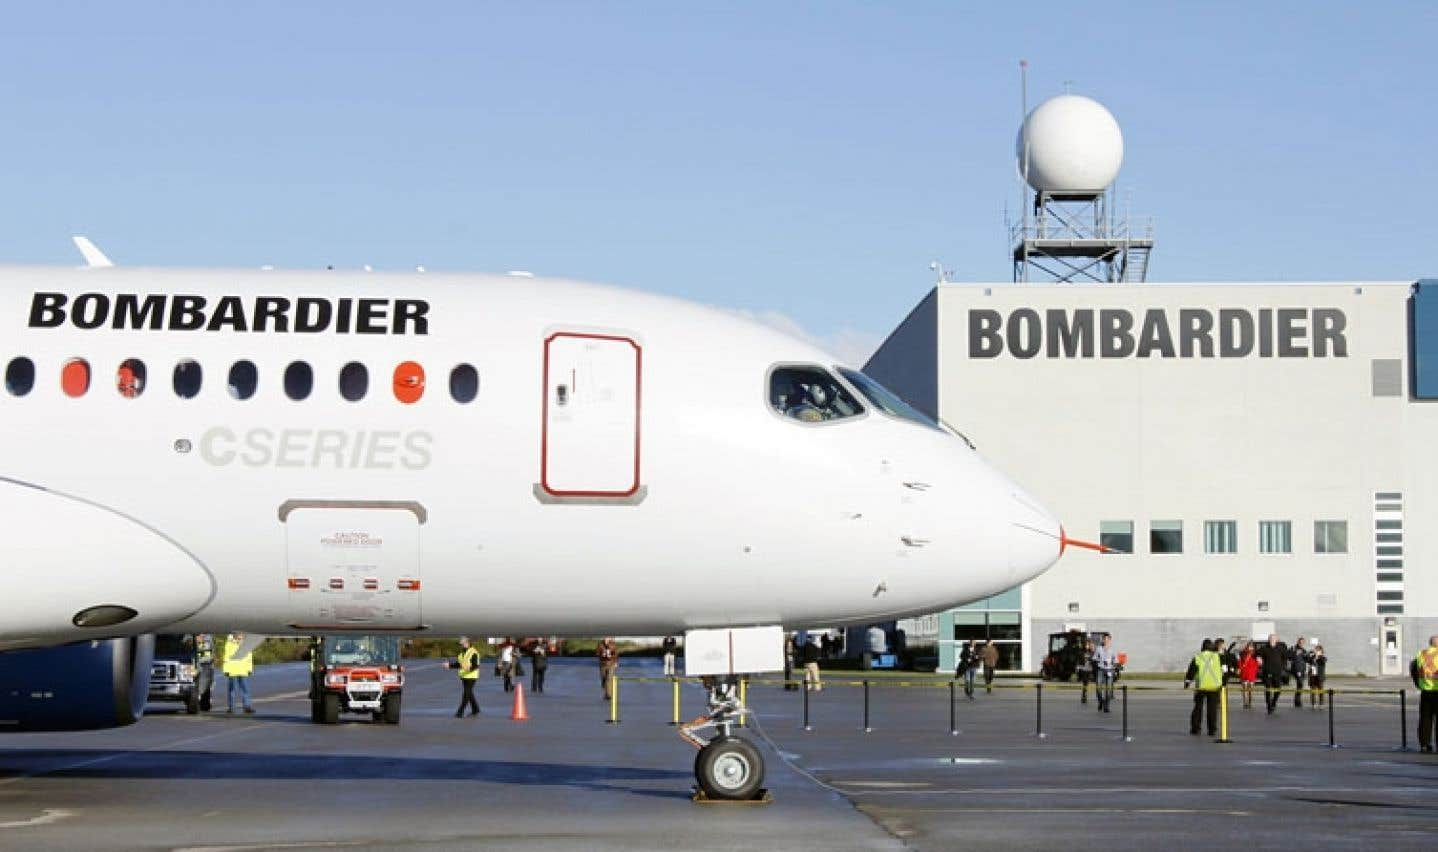 Si la situation perdure, Bombardier n'écarte pas la possibilité de déménager une partie de ses activités, notamment le secteur de la recherche et du développement, à l'extérieur du Québec.